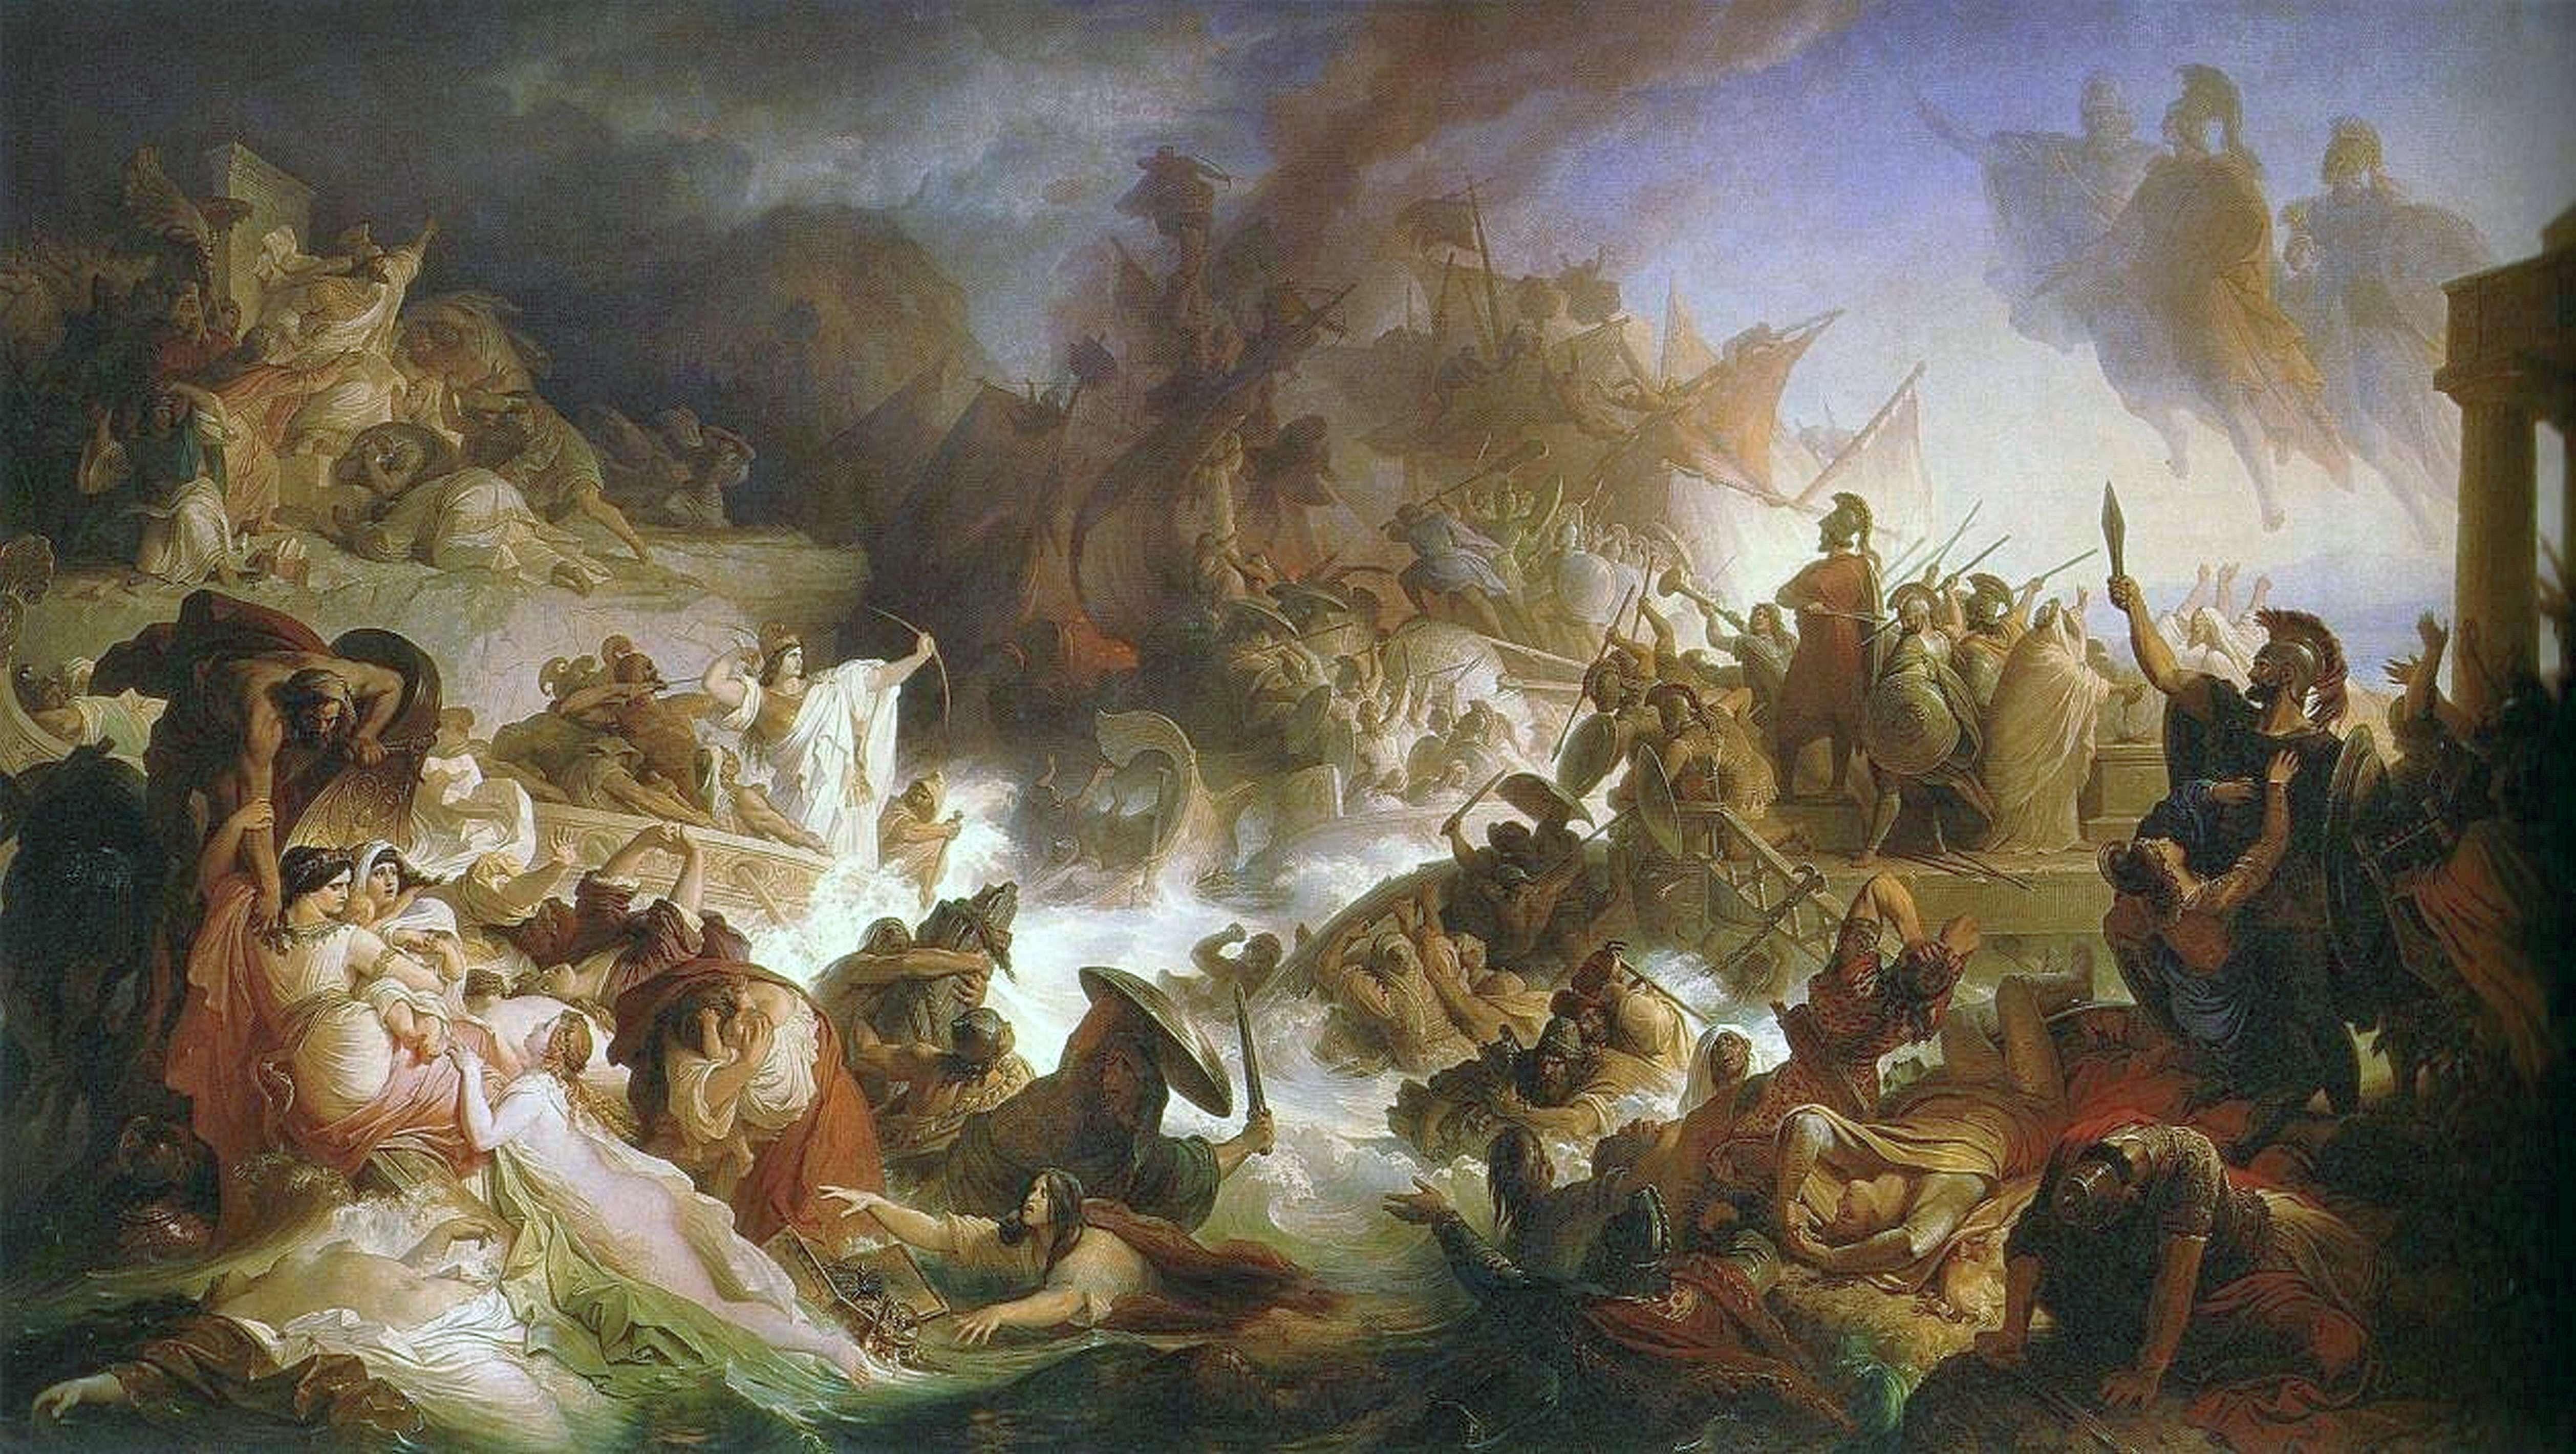 Η Ναυμαχία στη Σαλαμίνα (Die Seeschlacht bei Salamis), του Γερμανού Βίλχελμ φον Κάουλμπαχ.